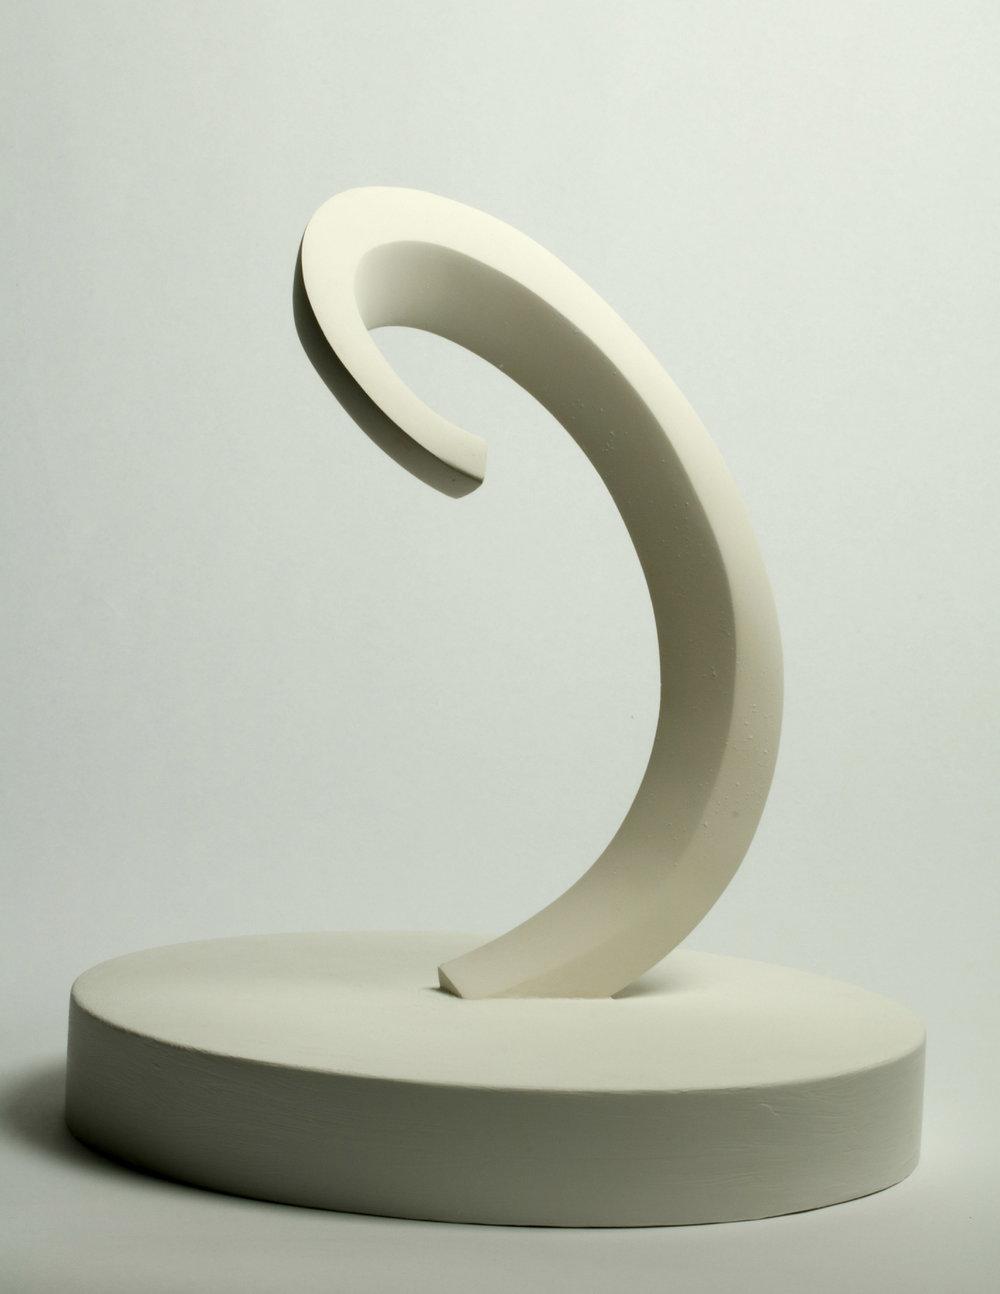 Beyond , Ceramic, 25 x 15 x 12 cm